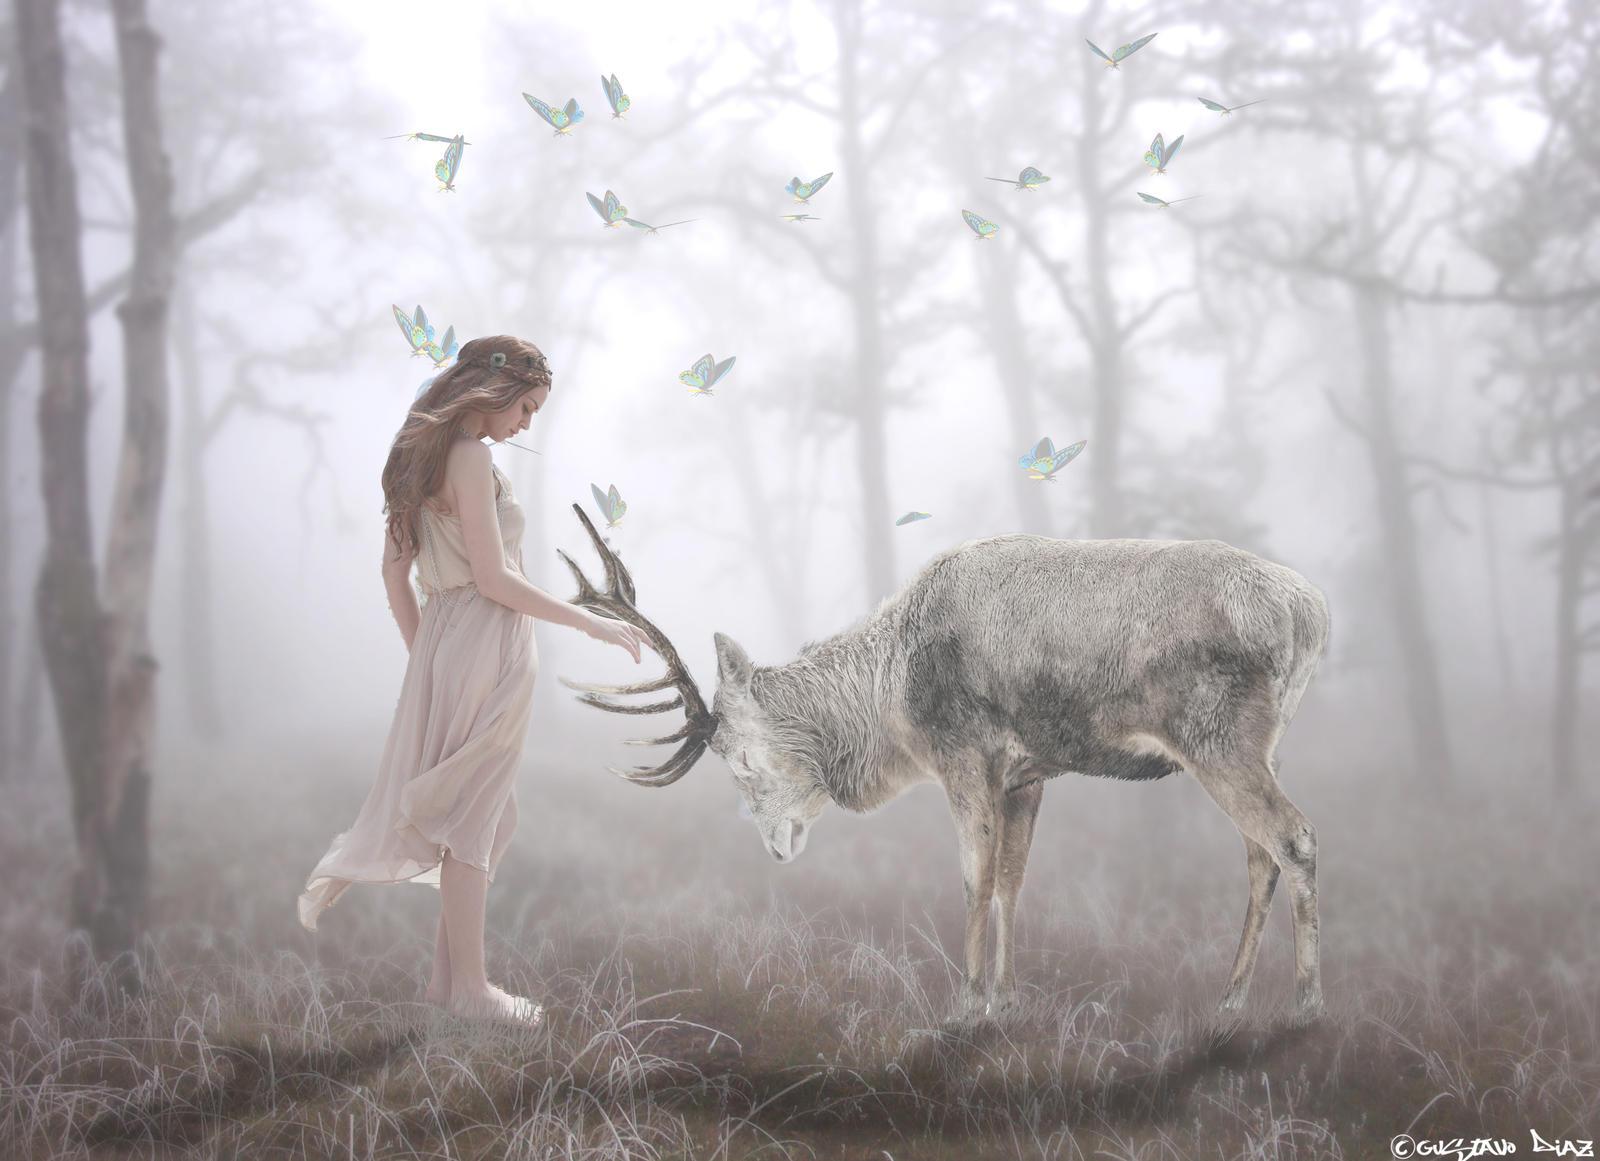 The Deer Whisperer. by gustiidiaz